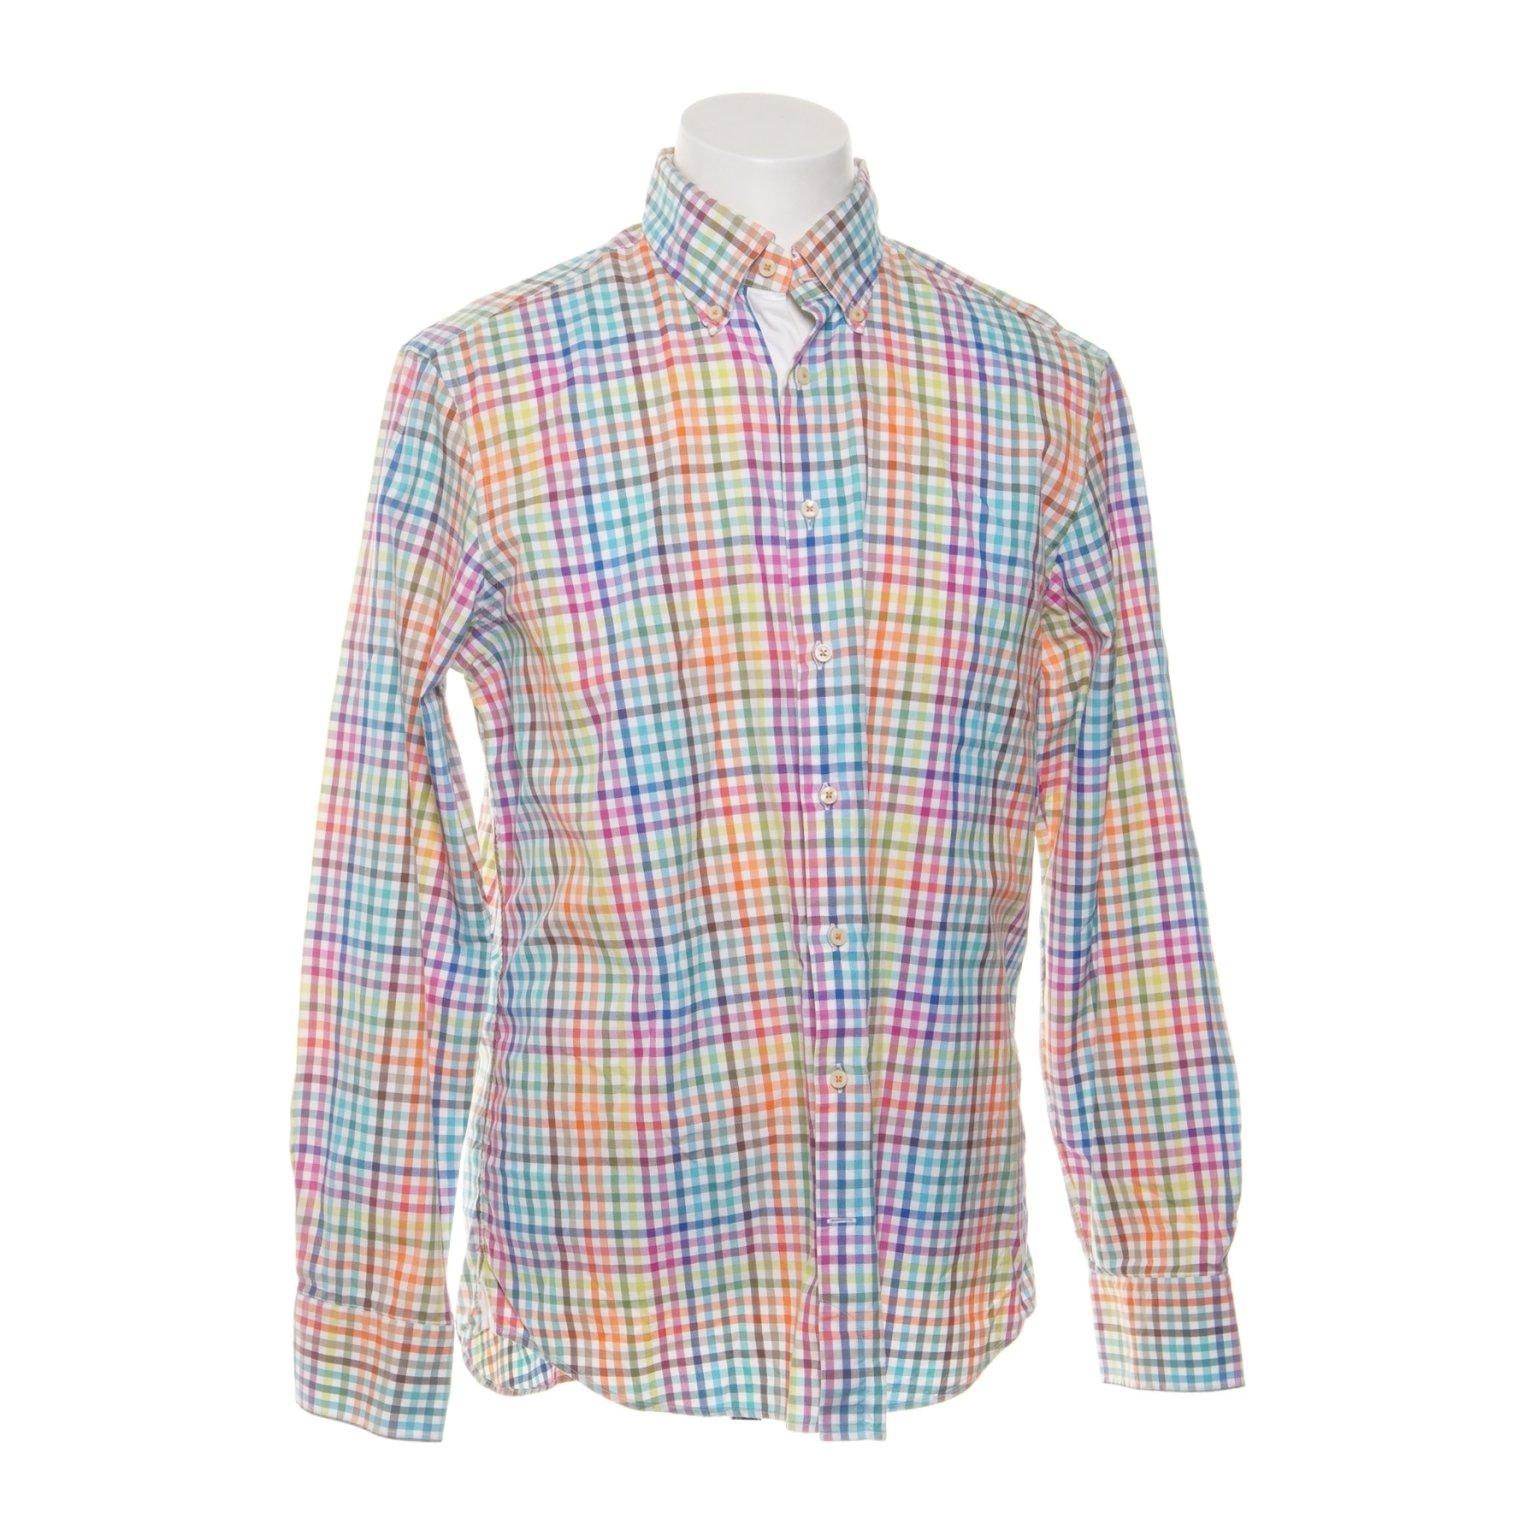 2c3d3c9514e2 Stenströms, Buttondown-skjorta, Strl: 42,.. (347623059) ᐈ Sellpy på ...